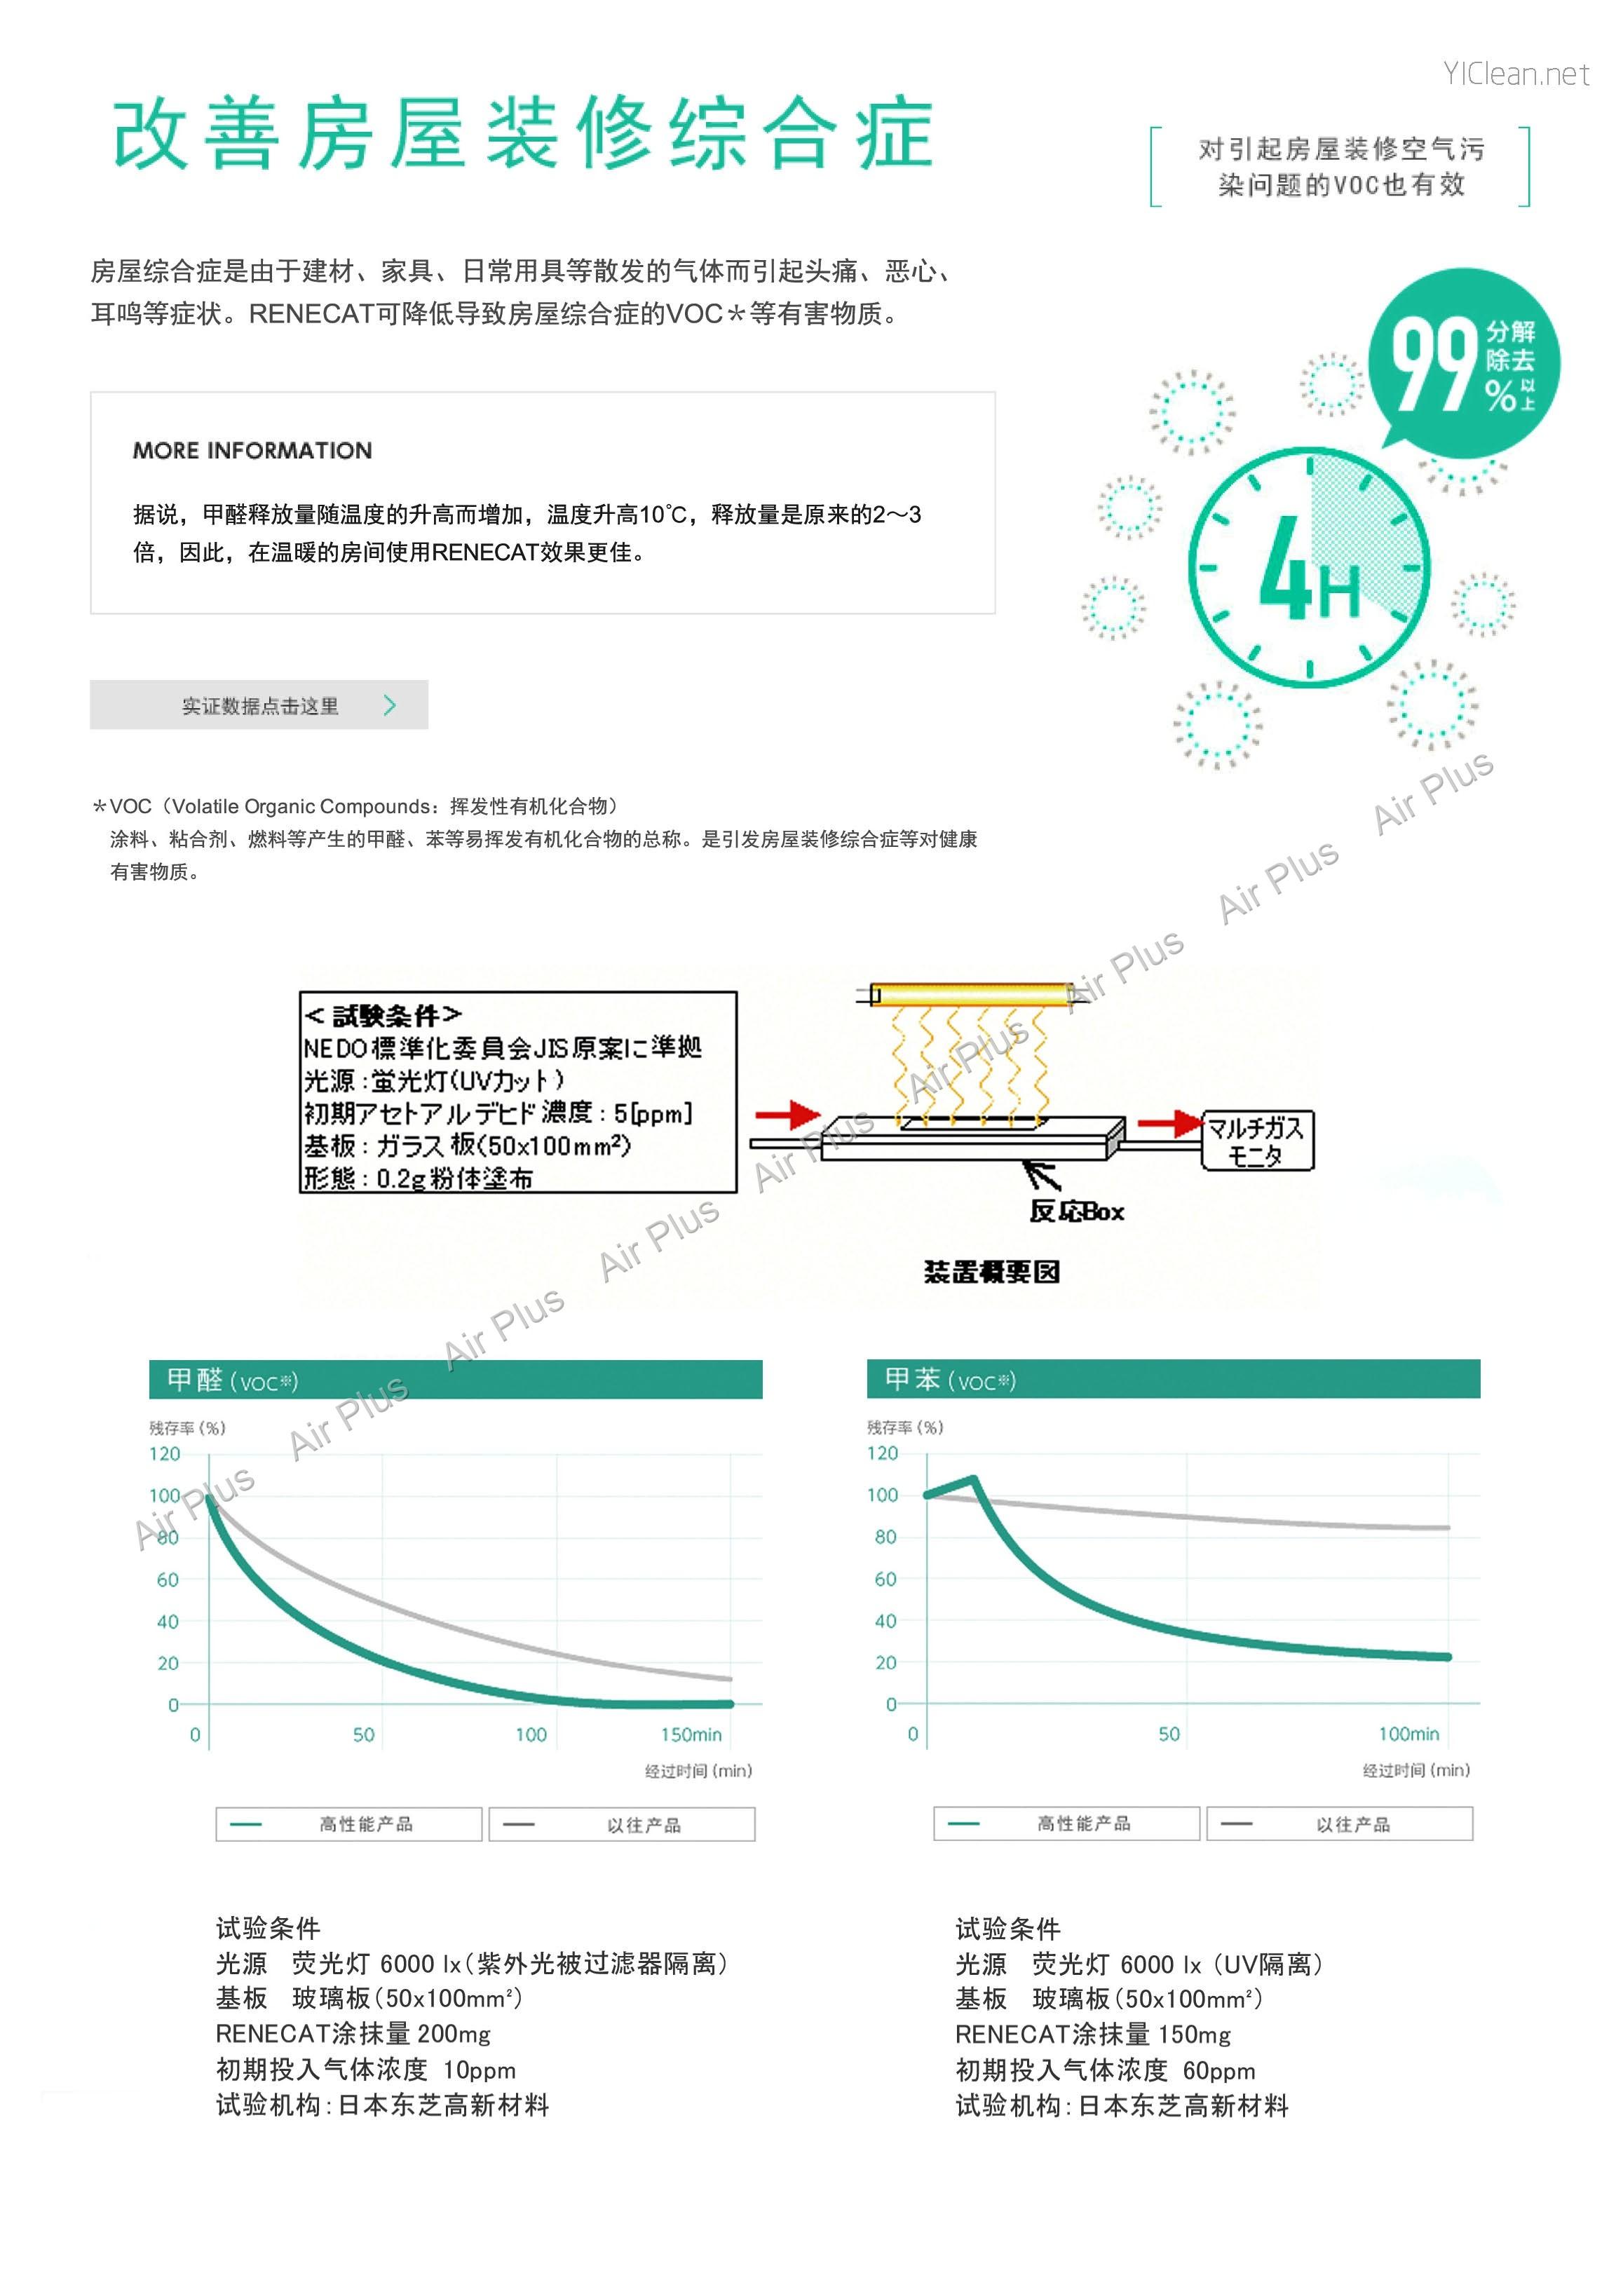 (中文)TOSHIBA·可视光光触媒 RENECAT☆_页面_05.jpg